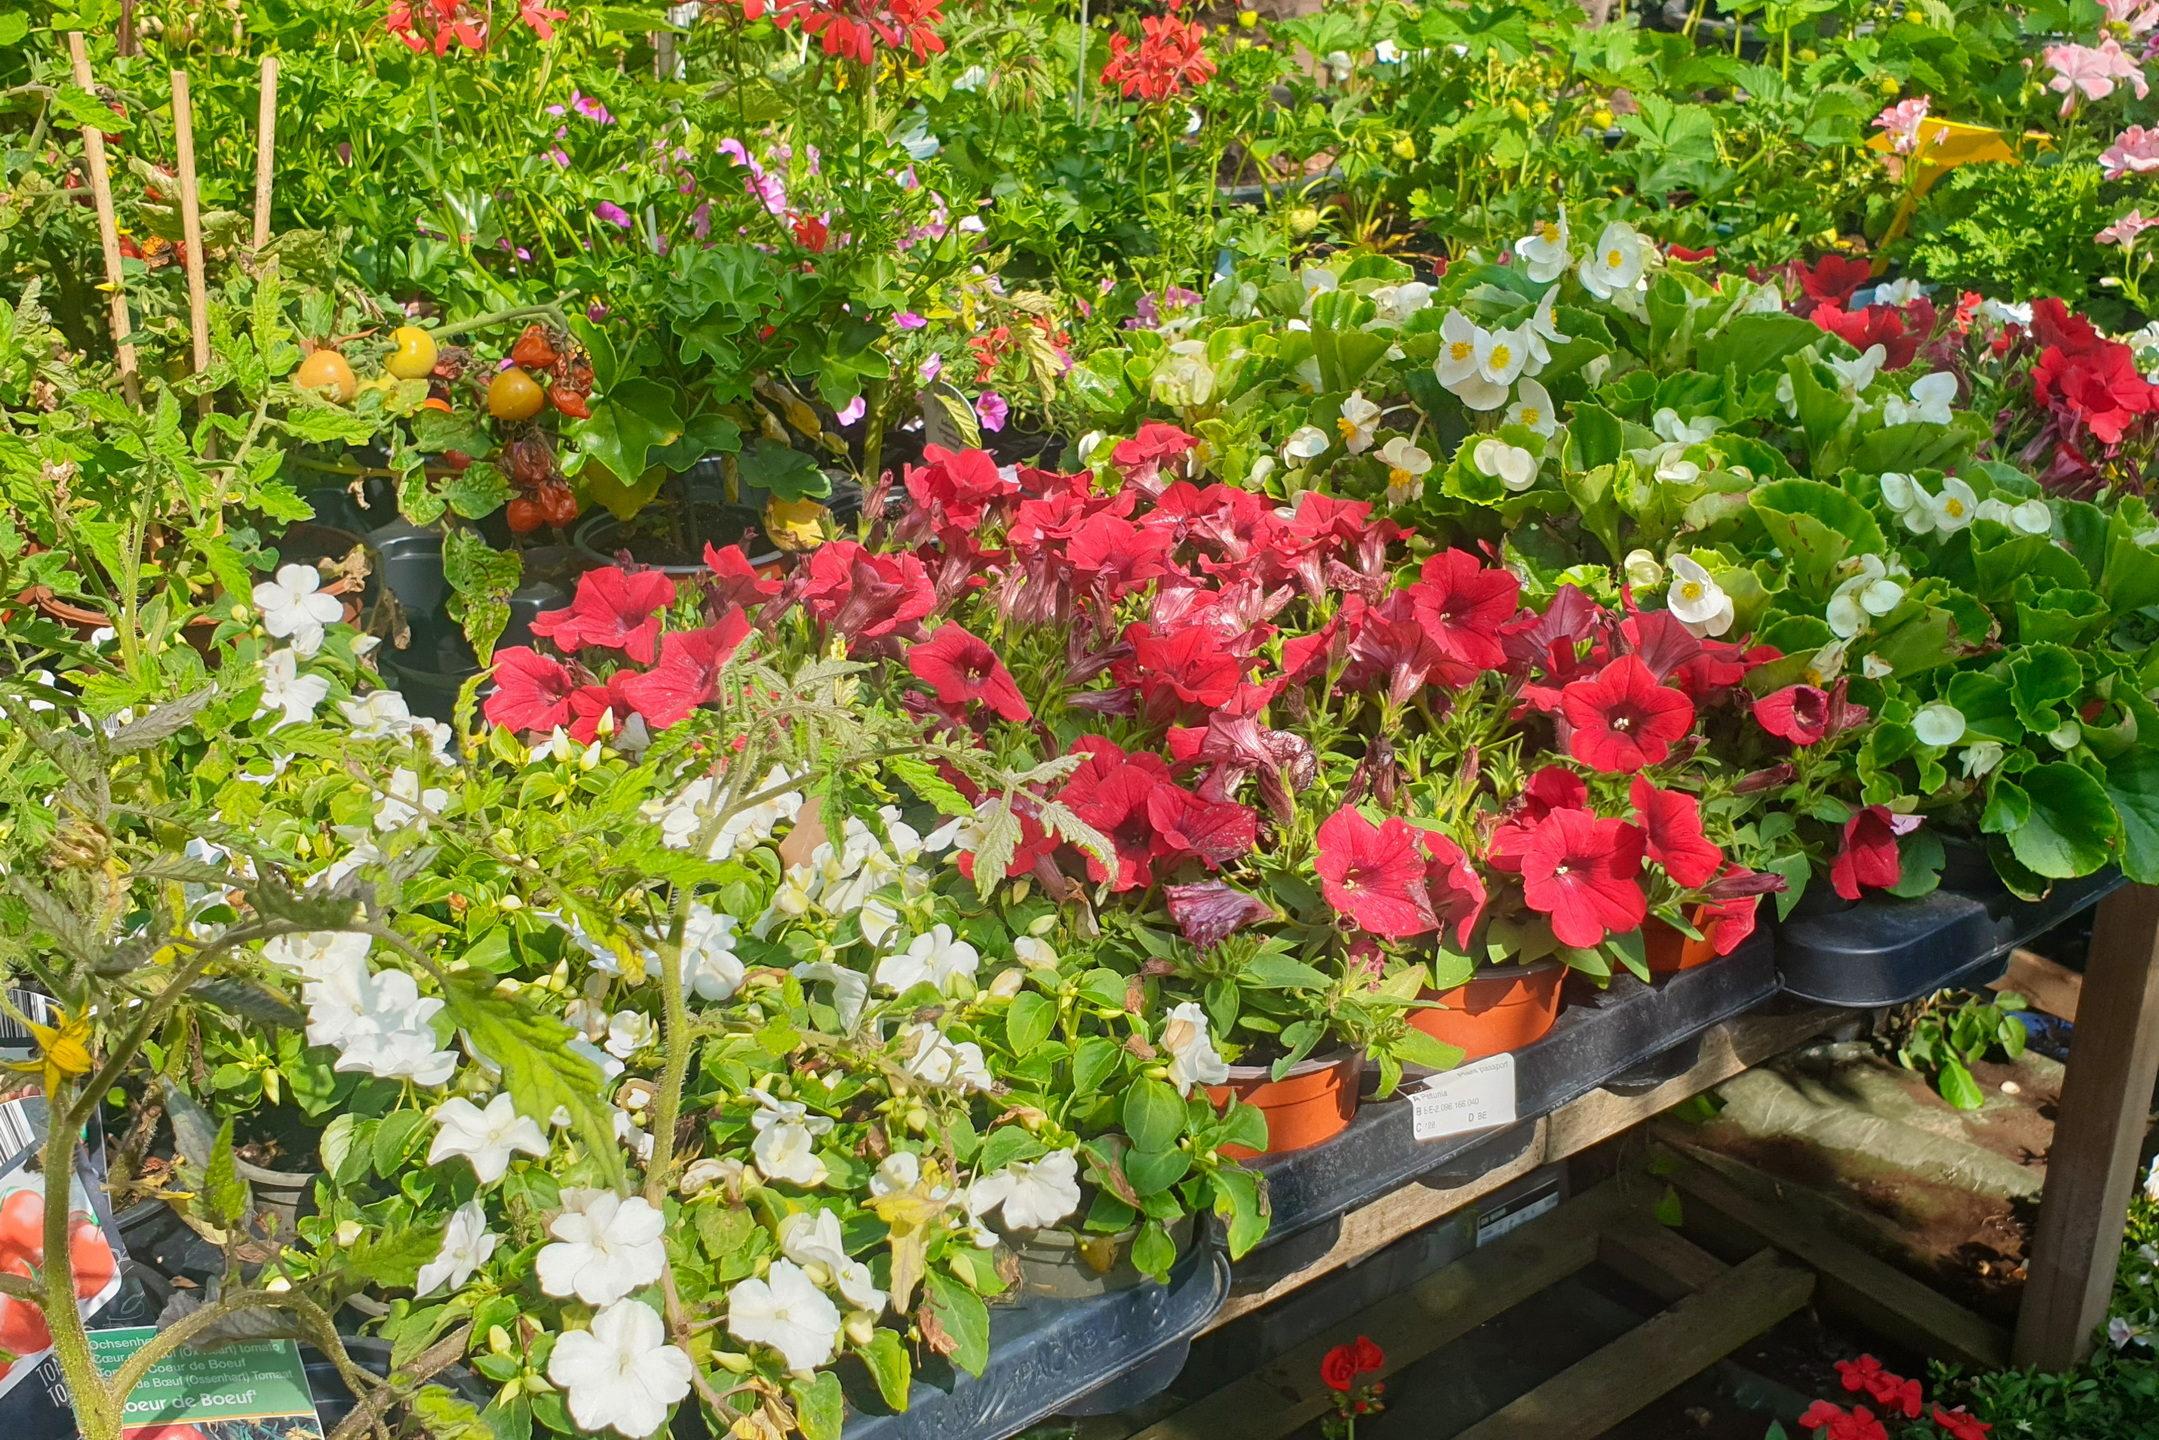 Le-jardin-des-oliviers-21-06-12-17.jpg